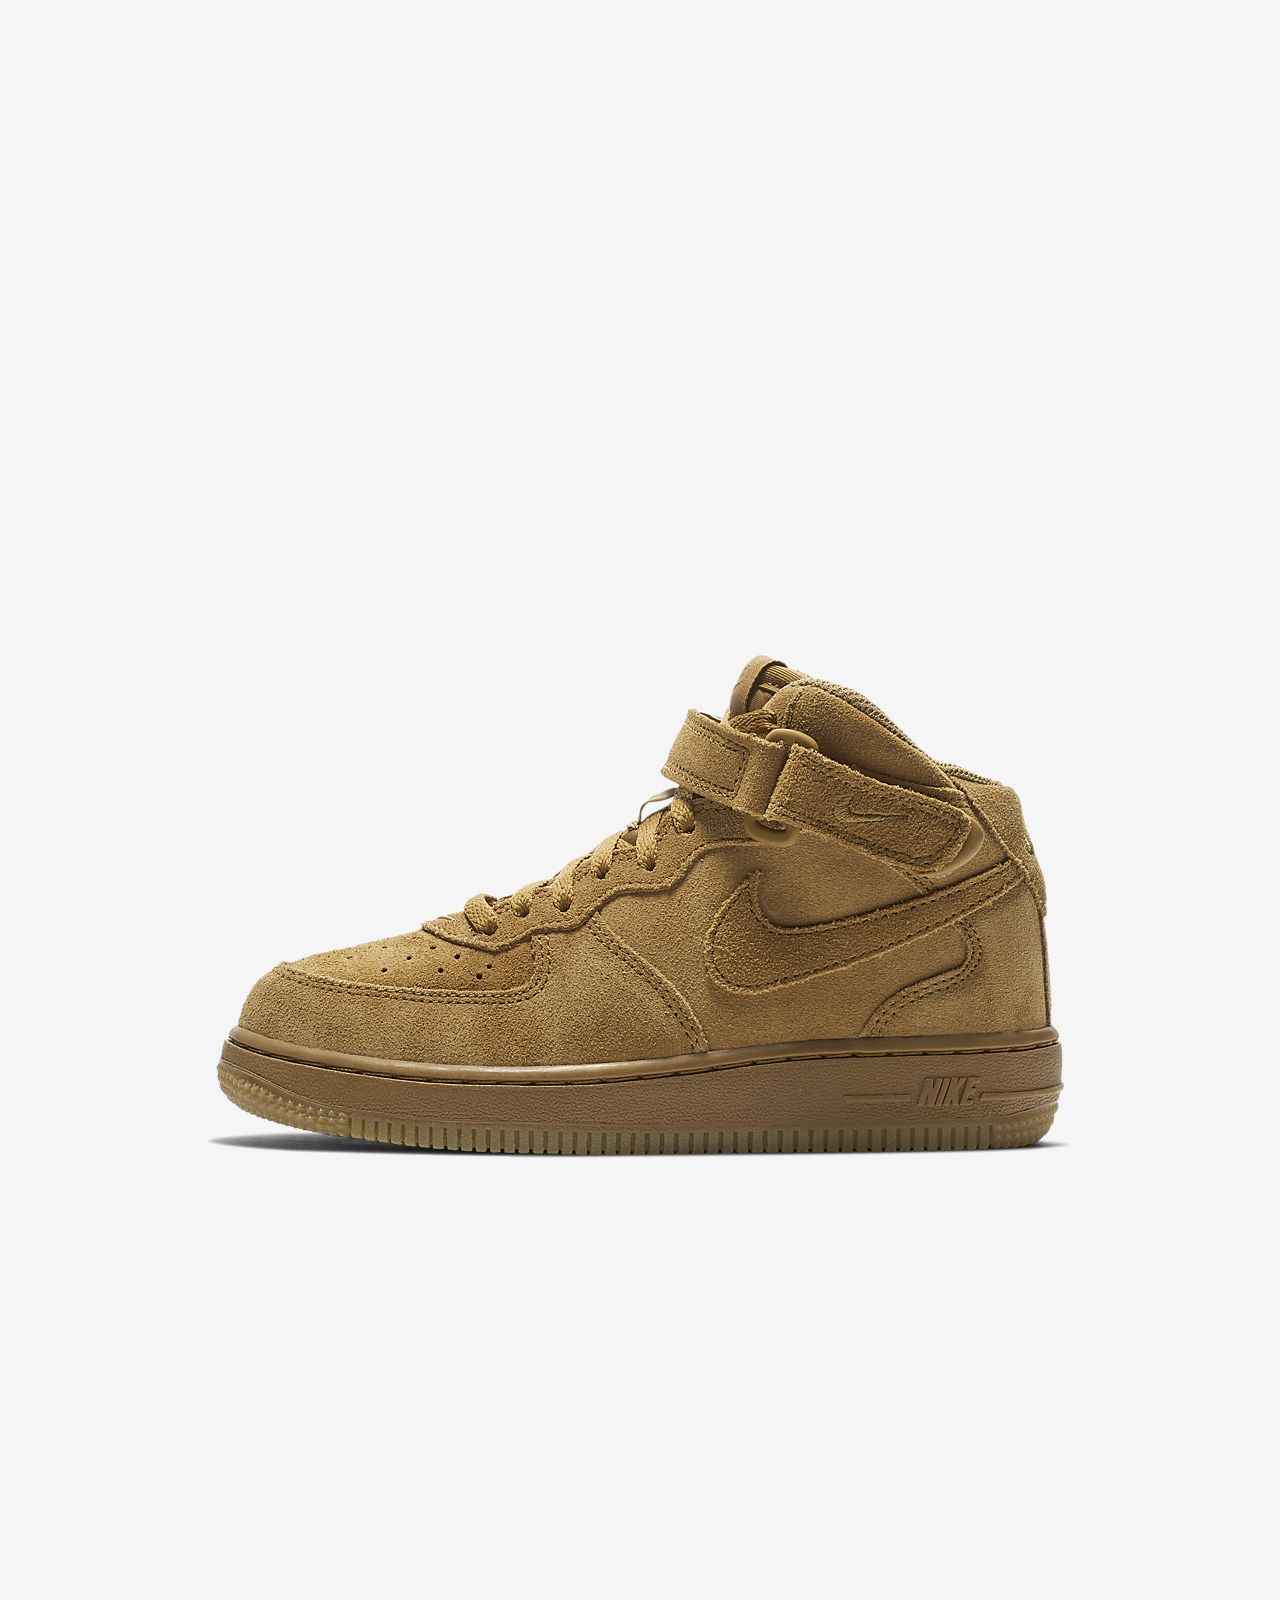 huge selection of 59ace 61708 ... Nike Air Force 1 Mid LV8-skoen til små børn